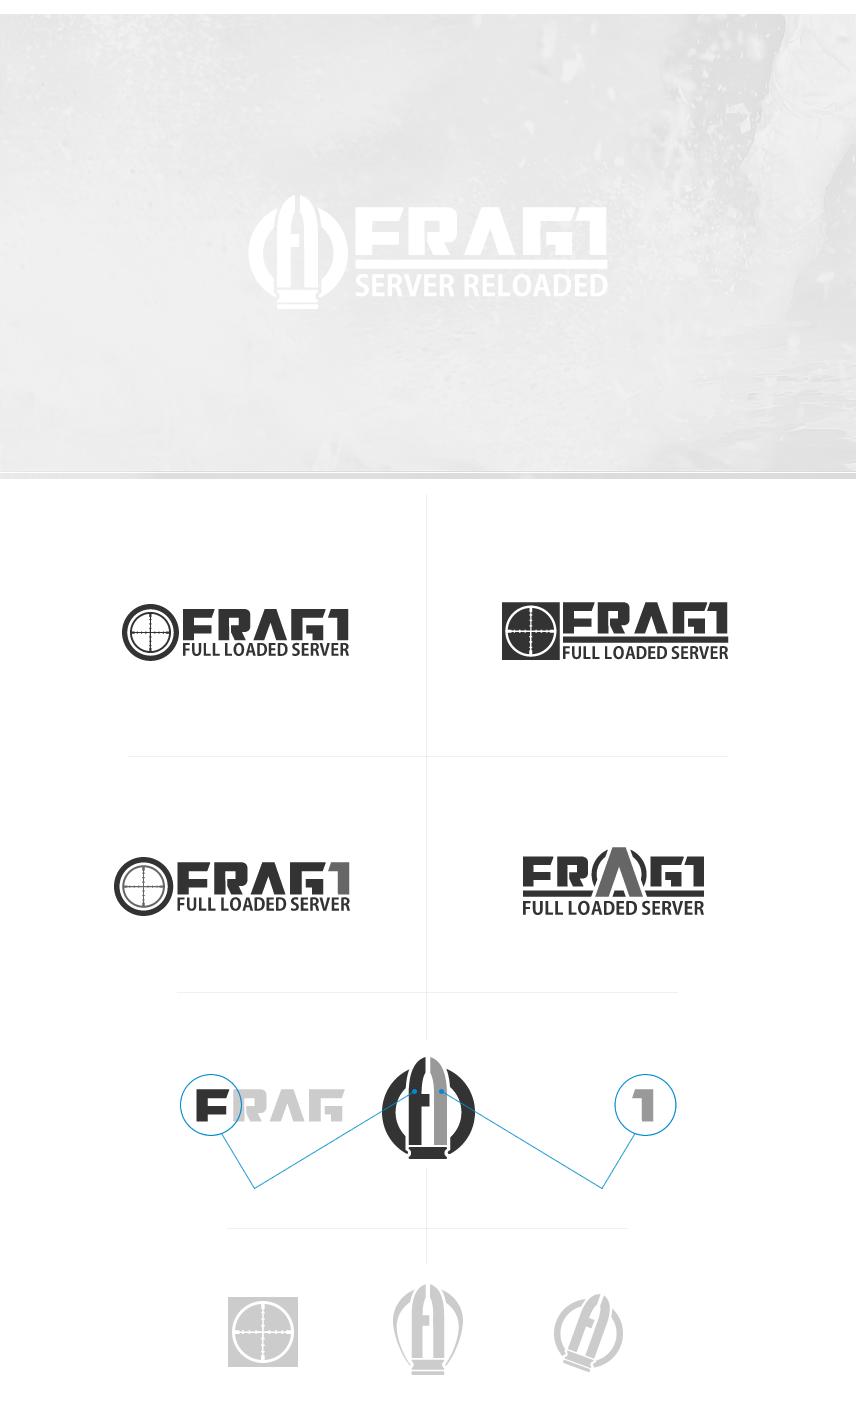 Logodesign frag1.de